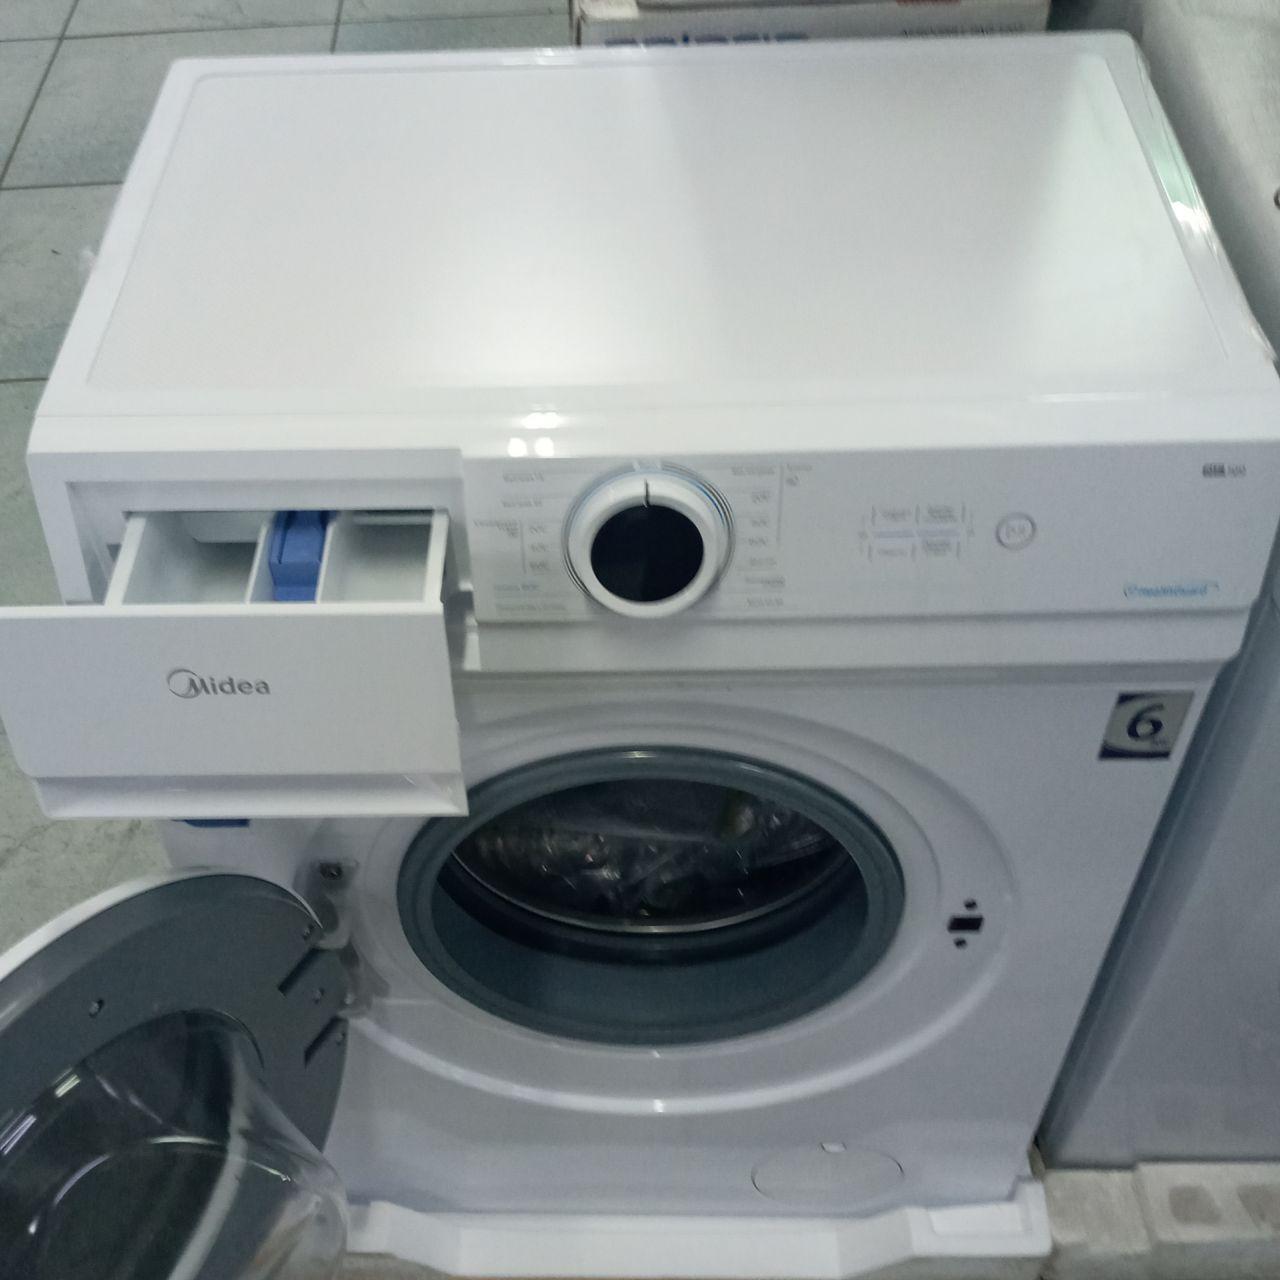 Стиральная машина Midea 6 кг